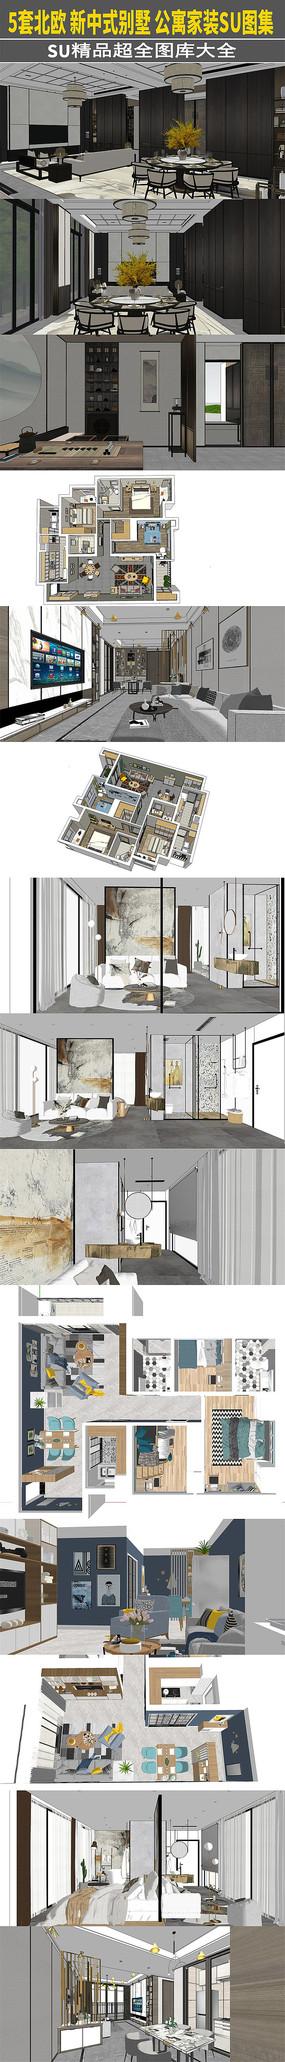 5套北欧新中式别墅和公寓家装SU图集